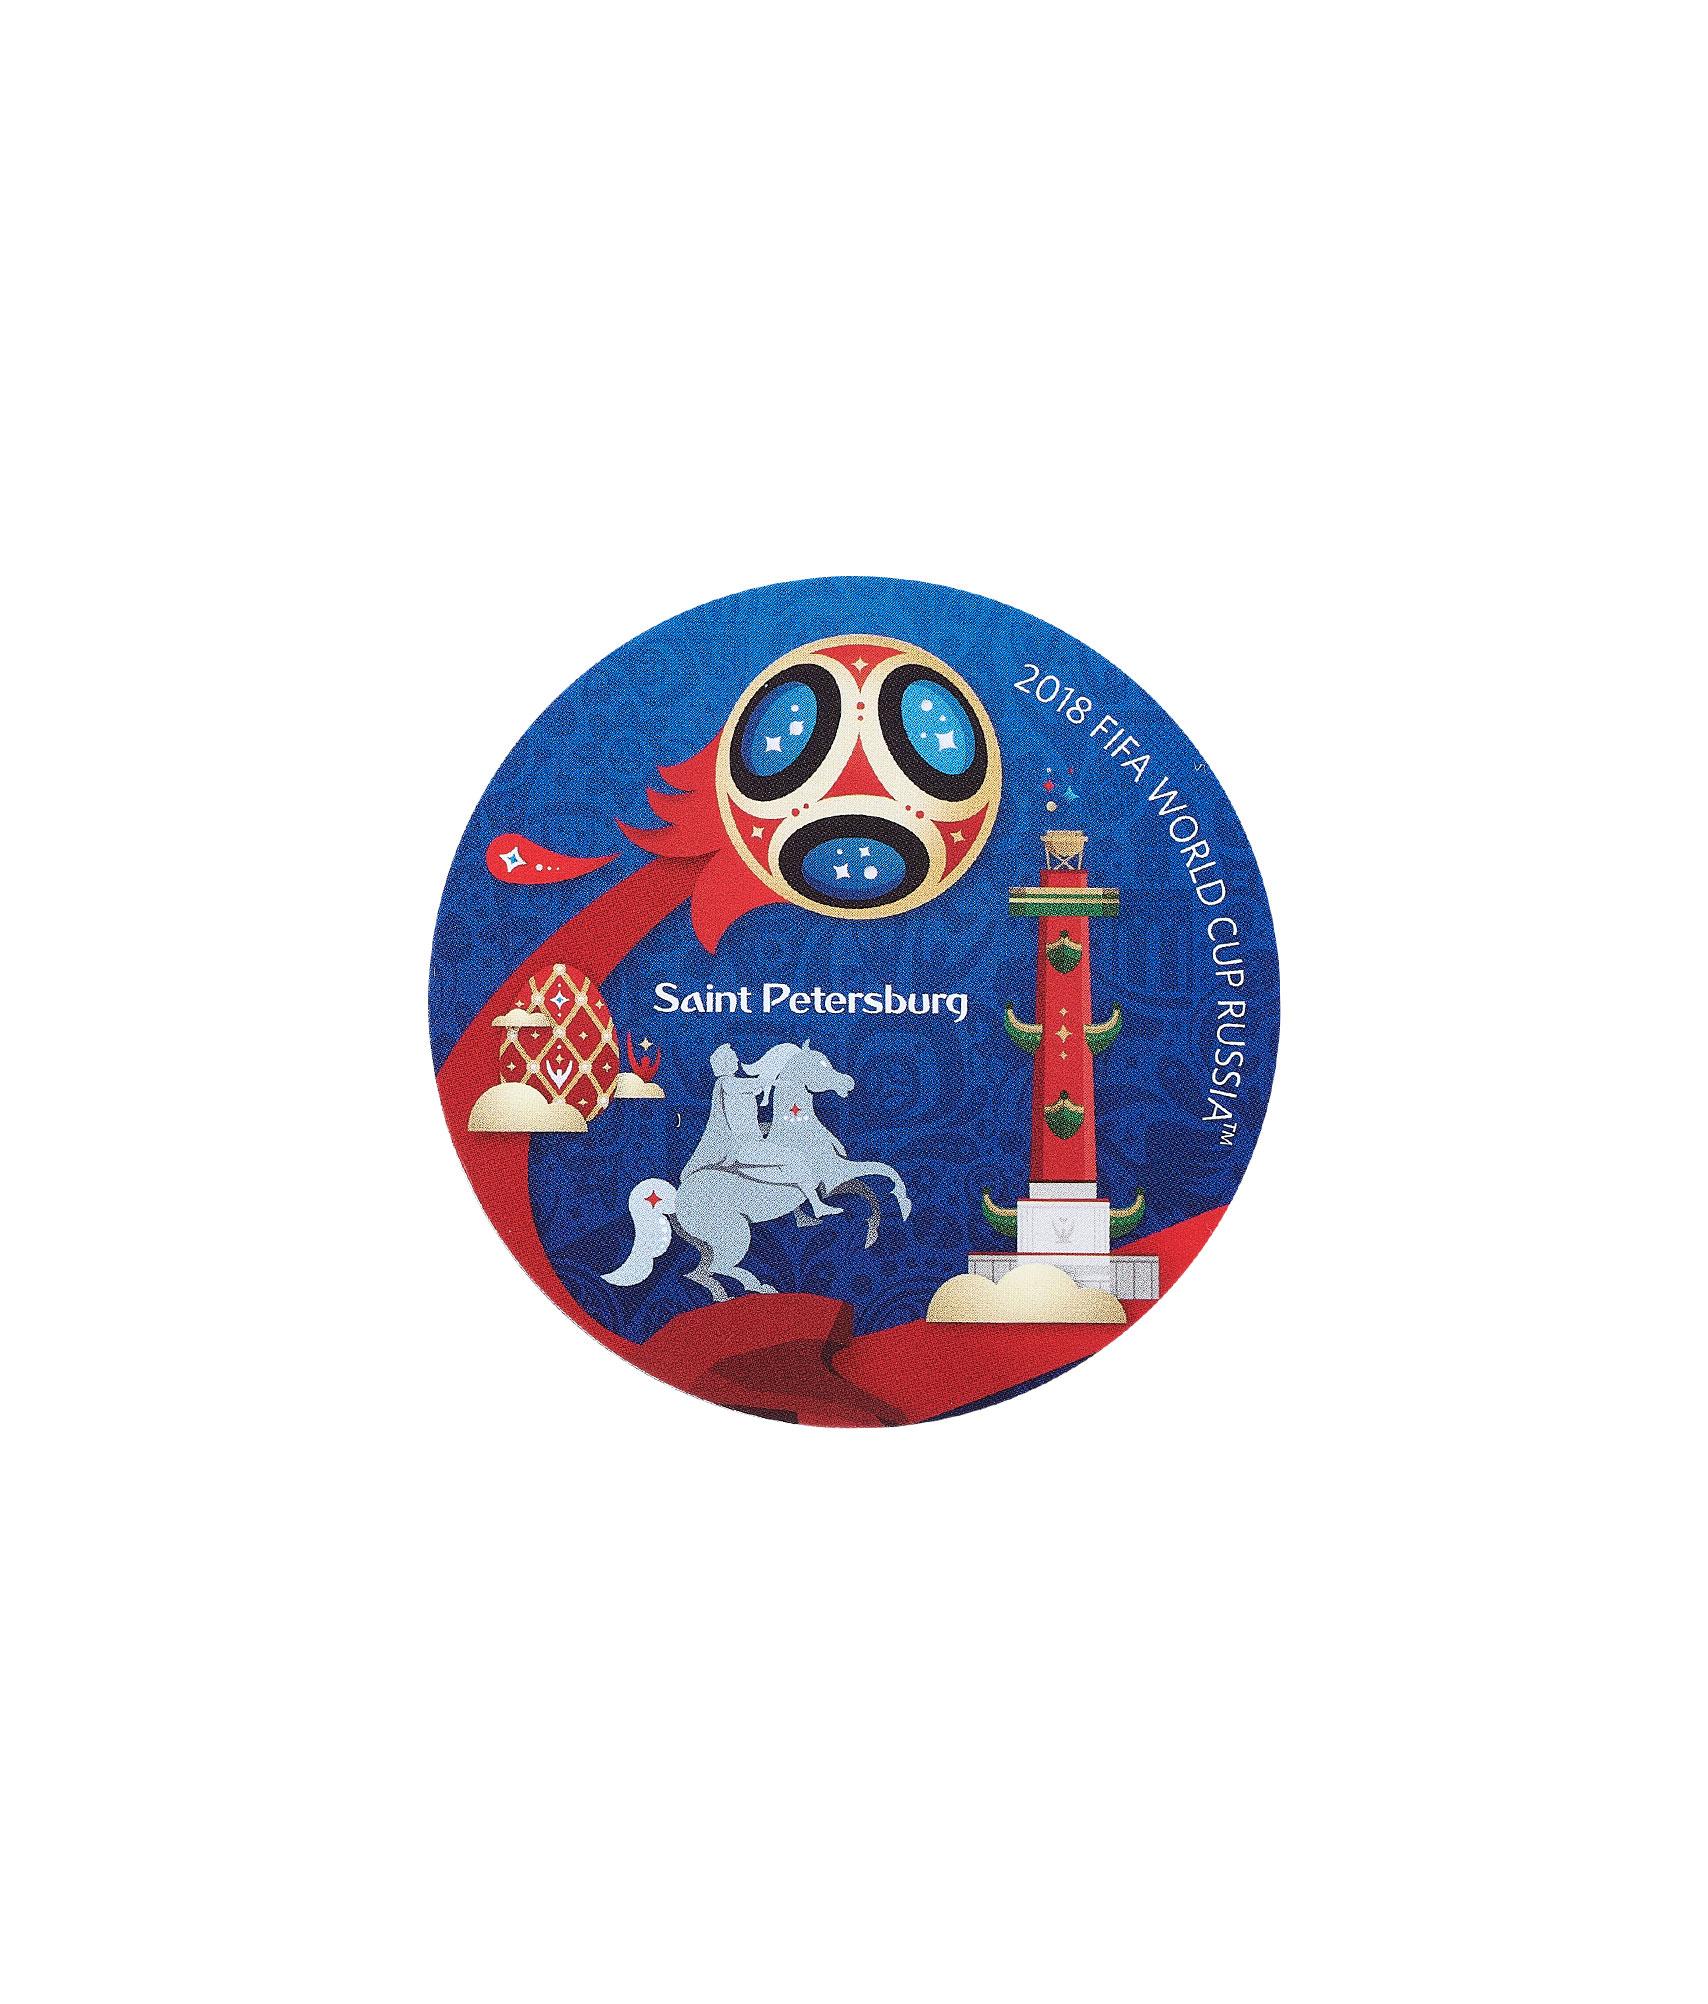 Магнит «Санкт-Петербург» Зенит магнит виниловый акварельный петербург зимний спас 9 7см